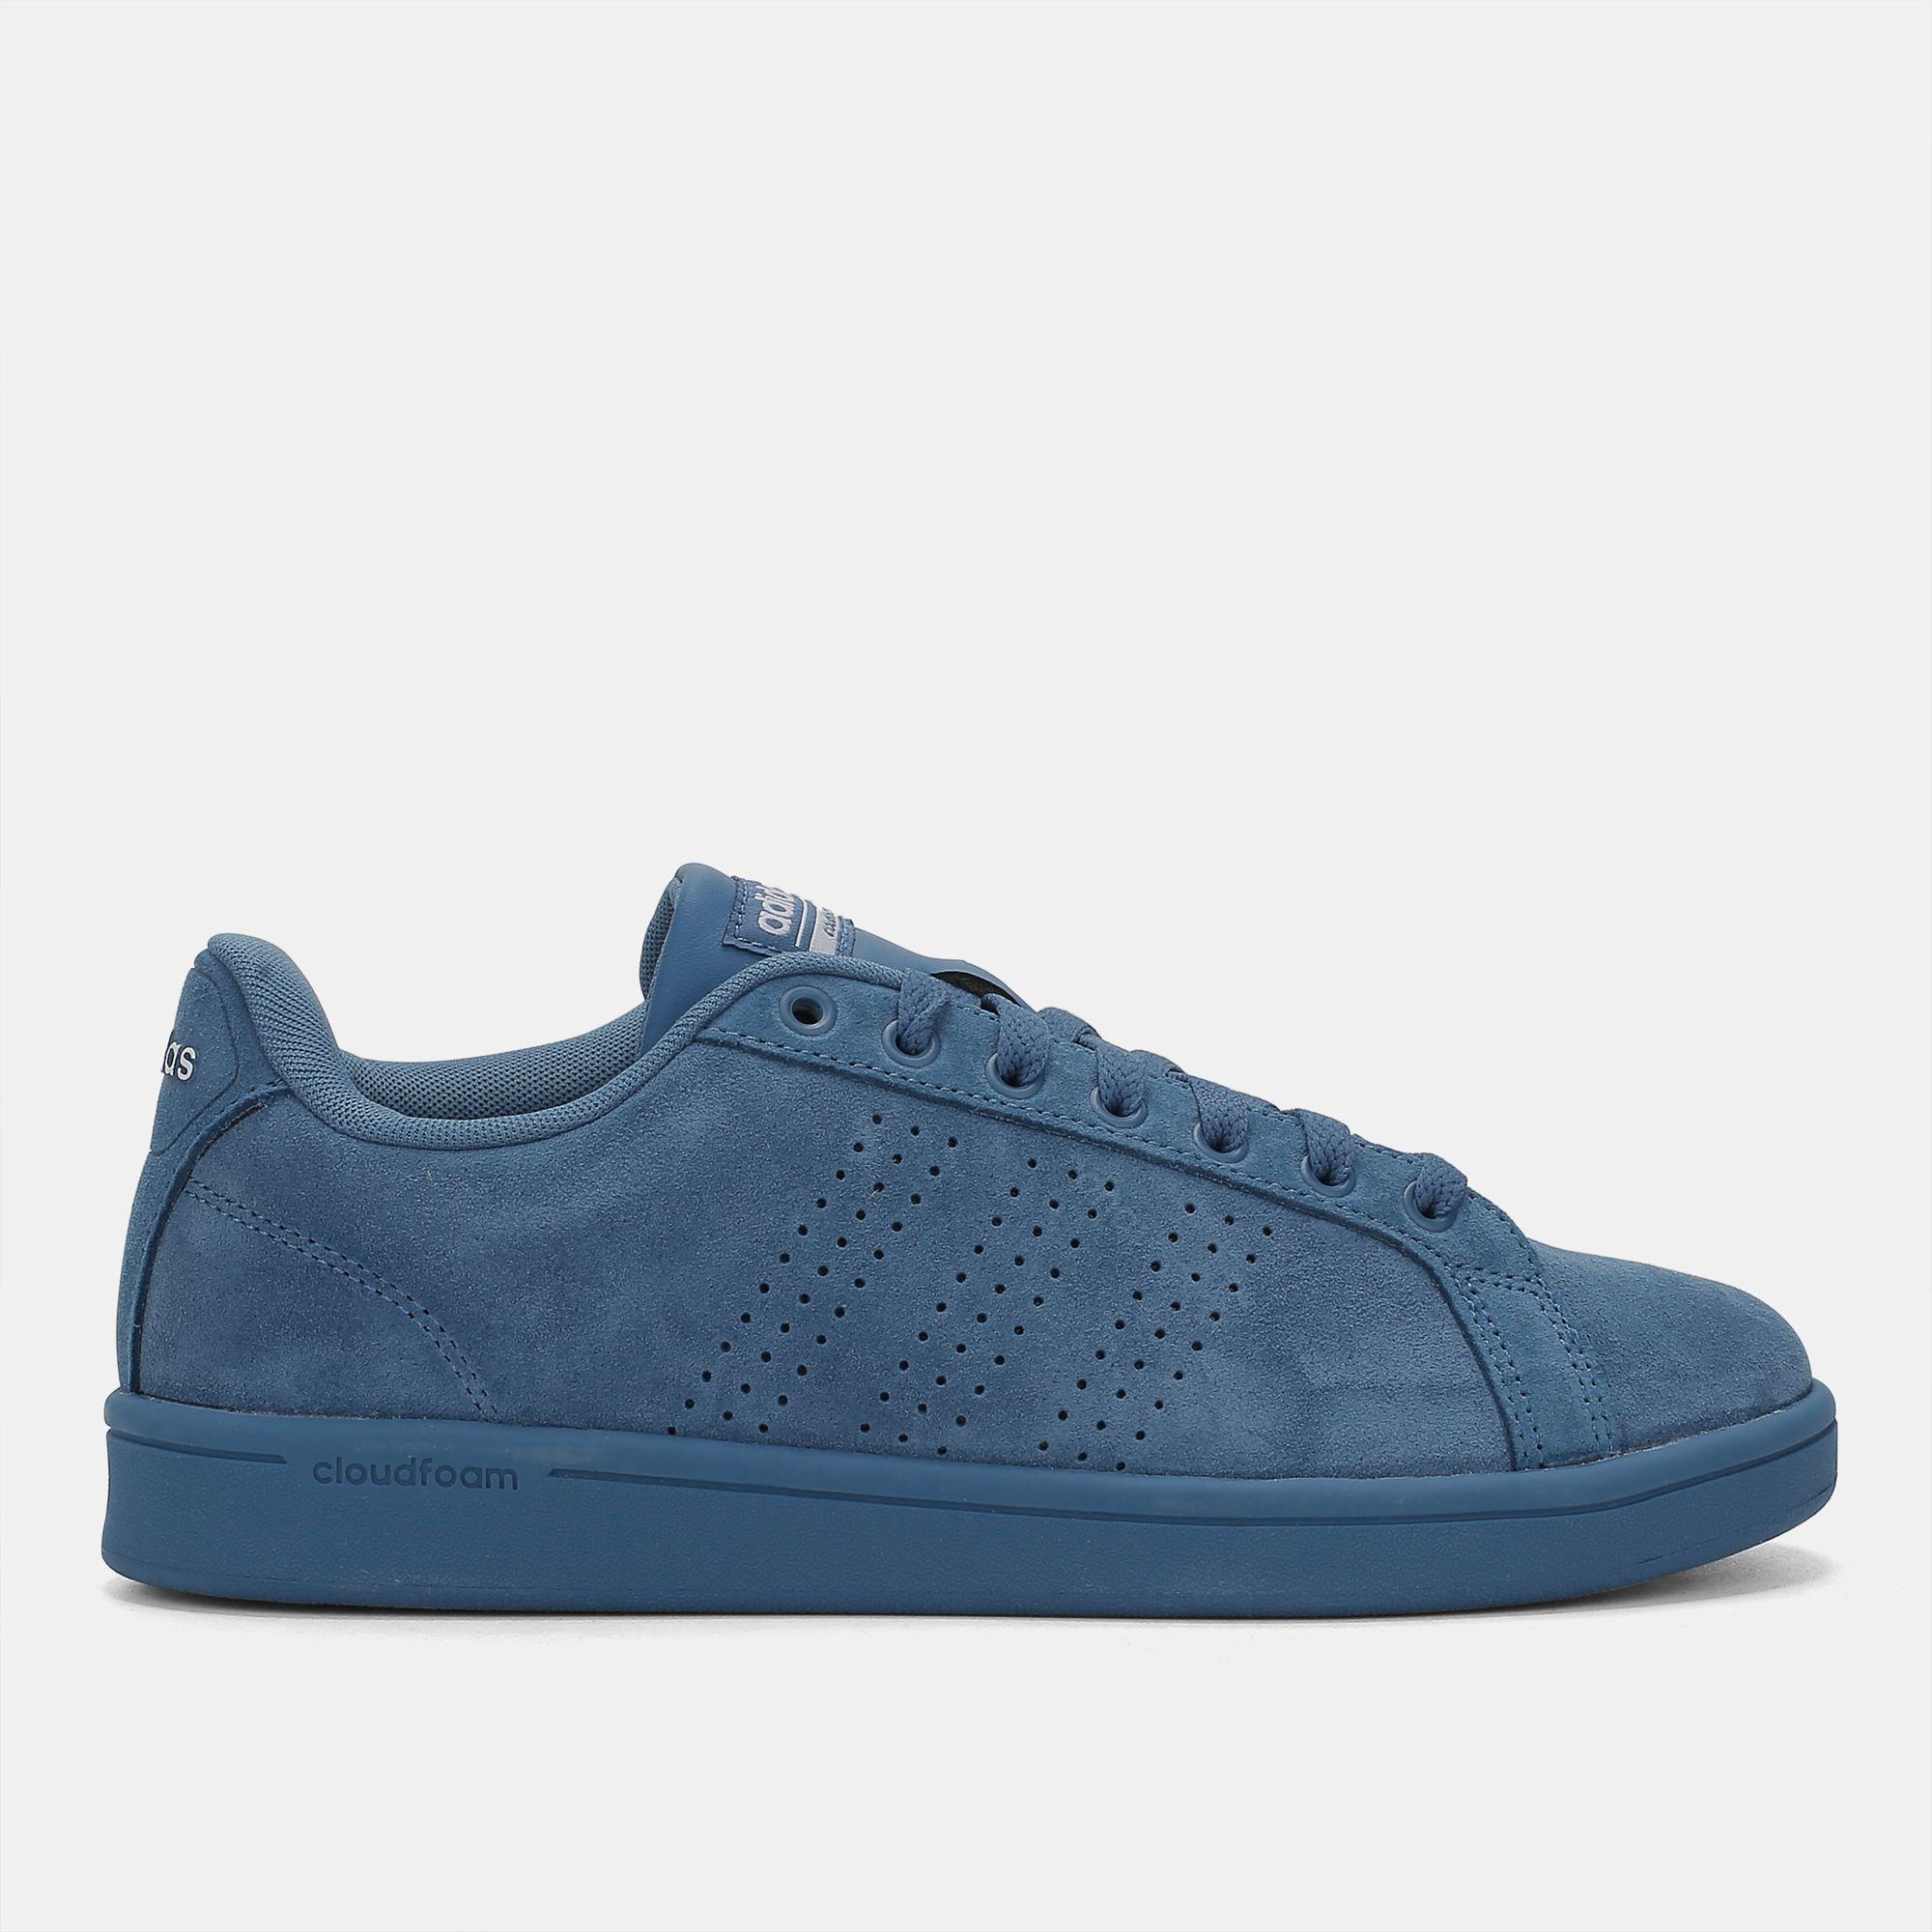 negozio adidas cloudfoam vantaggio pulito scarpa per donne dall'adidas 4